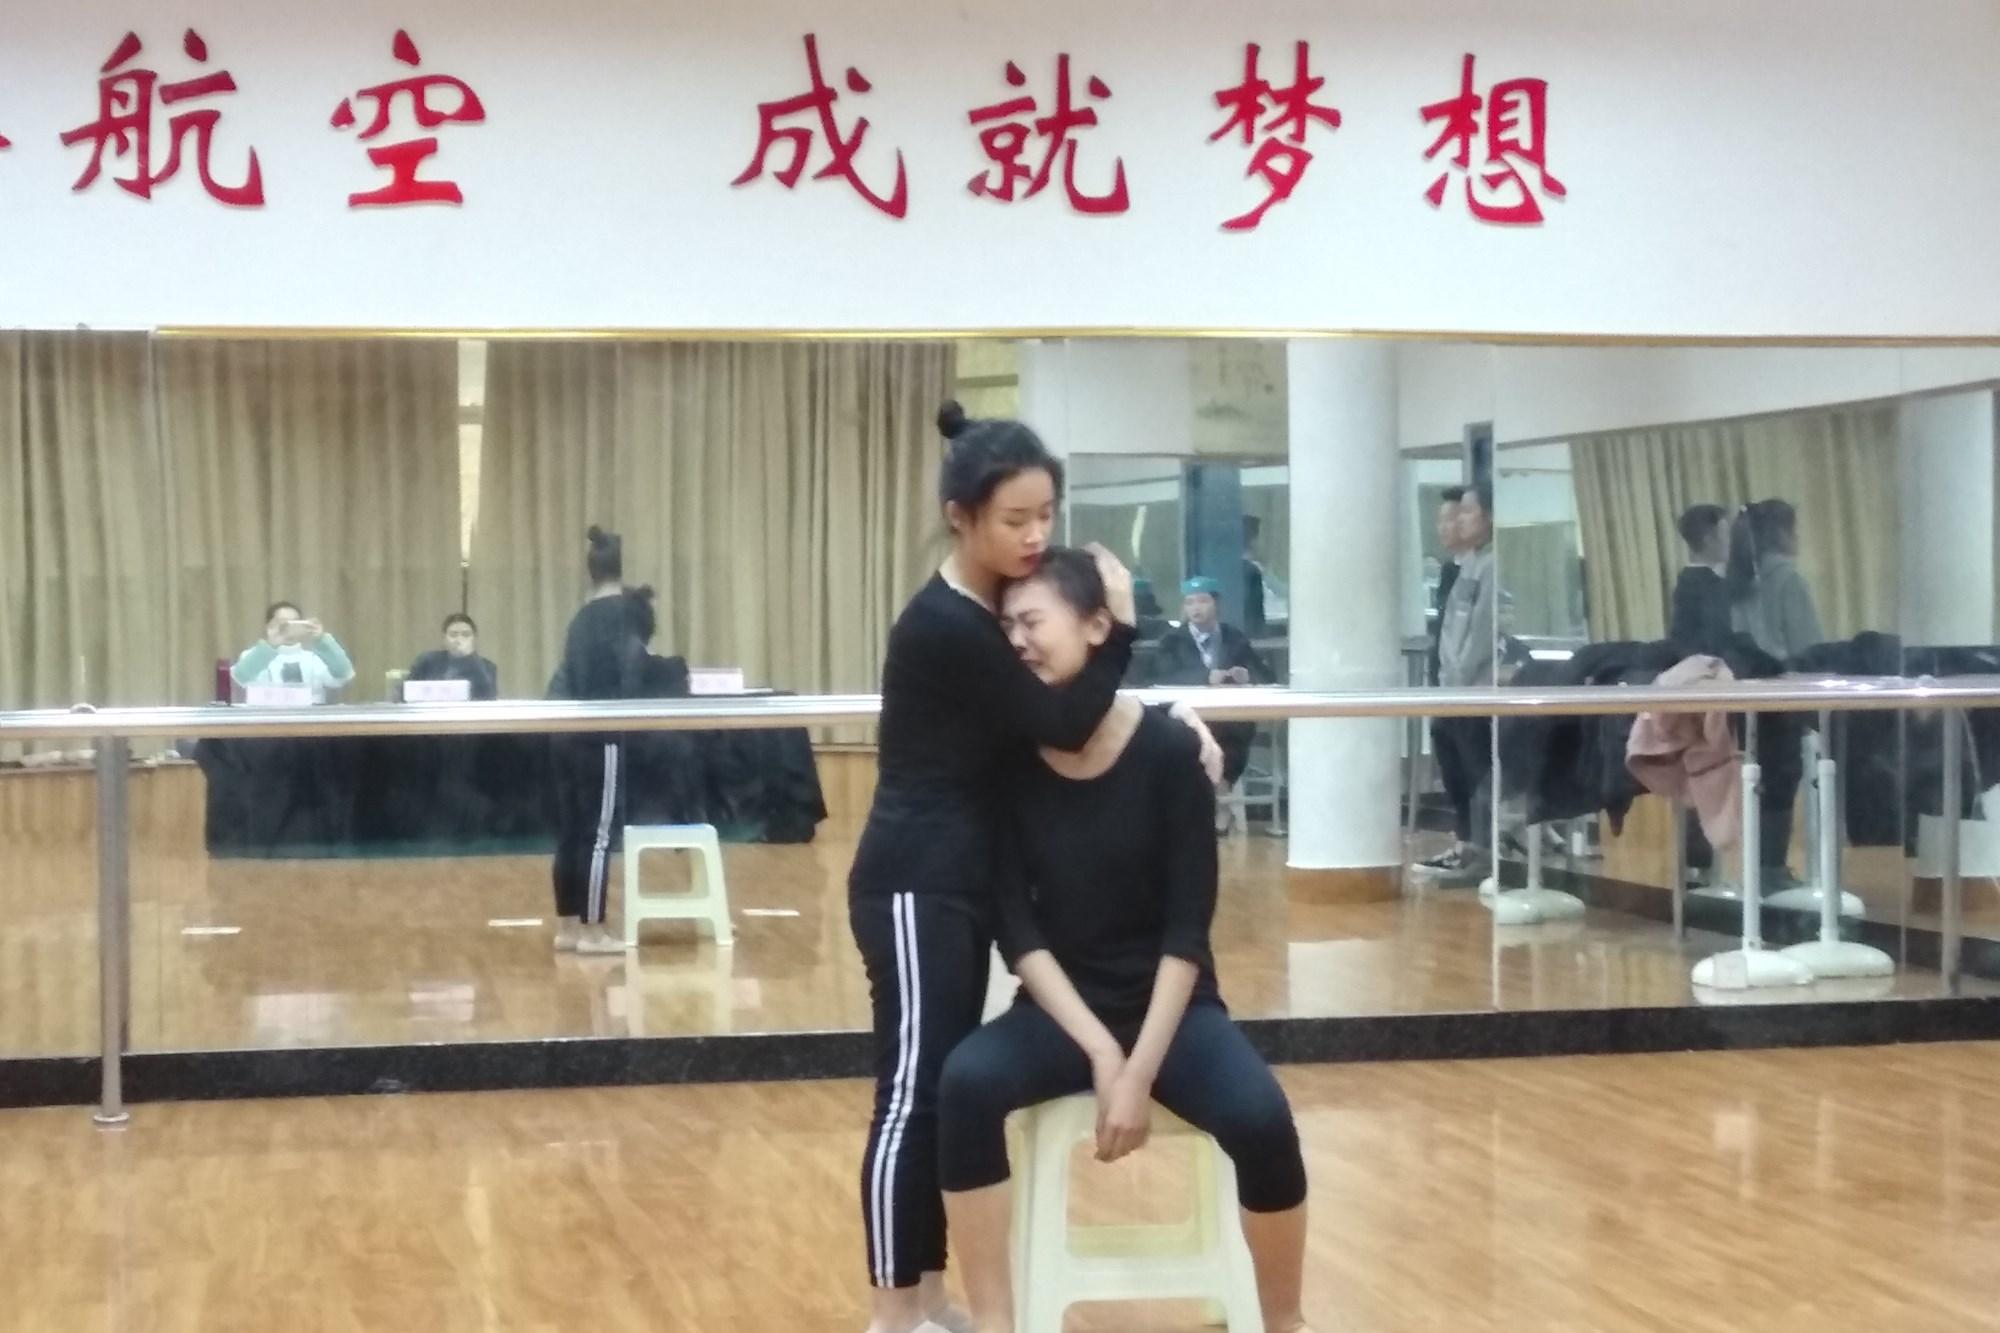 河南艺术中��n��/cyf_教育时讯 >正文    随着2019年的河南省高考艺术类统一考试的临近, 12